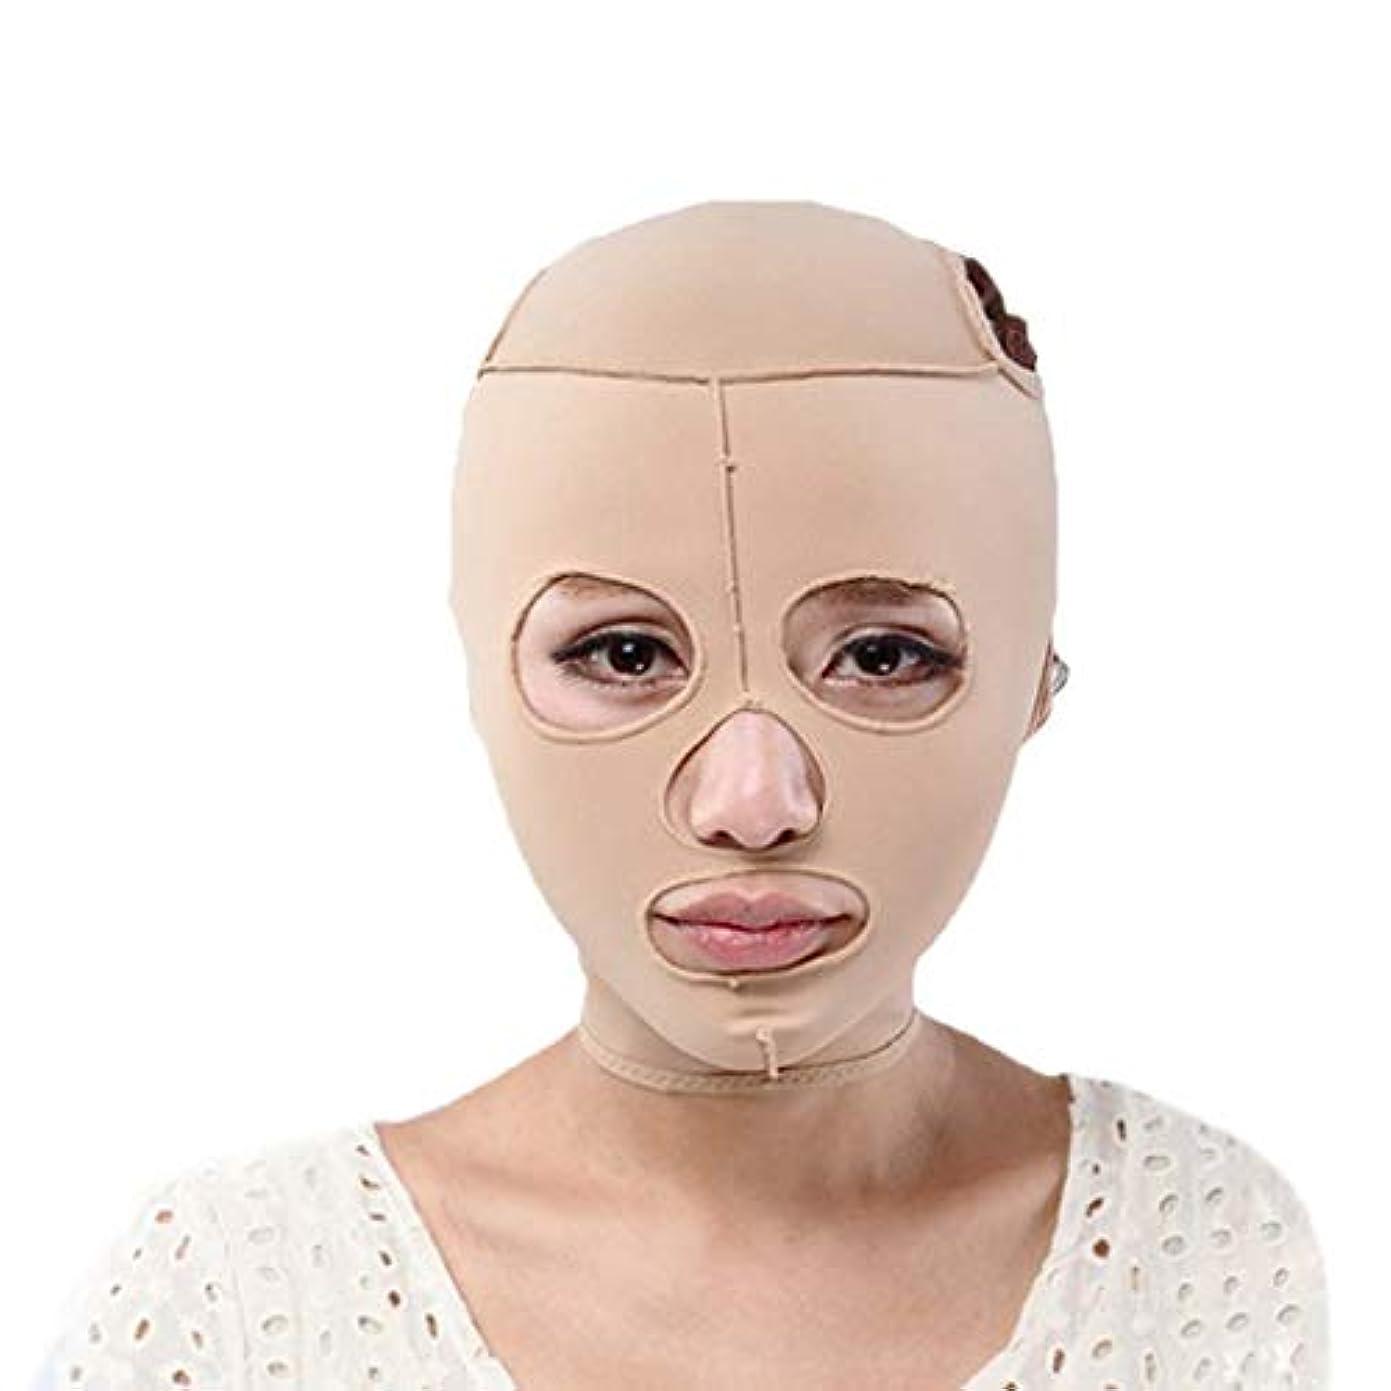 クライマックスフォーム木曜日チンストラップ、顔の減量アンチシワマスク、快適な通気性マスク付きオールインクルーシブフェイス、薄型フェイスマスクリフティング包帯引き締め(サイズ:S),L